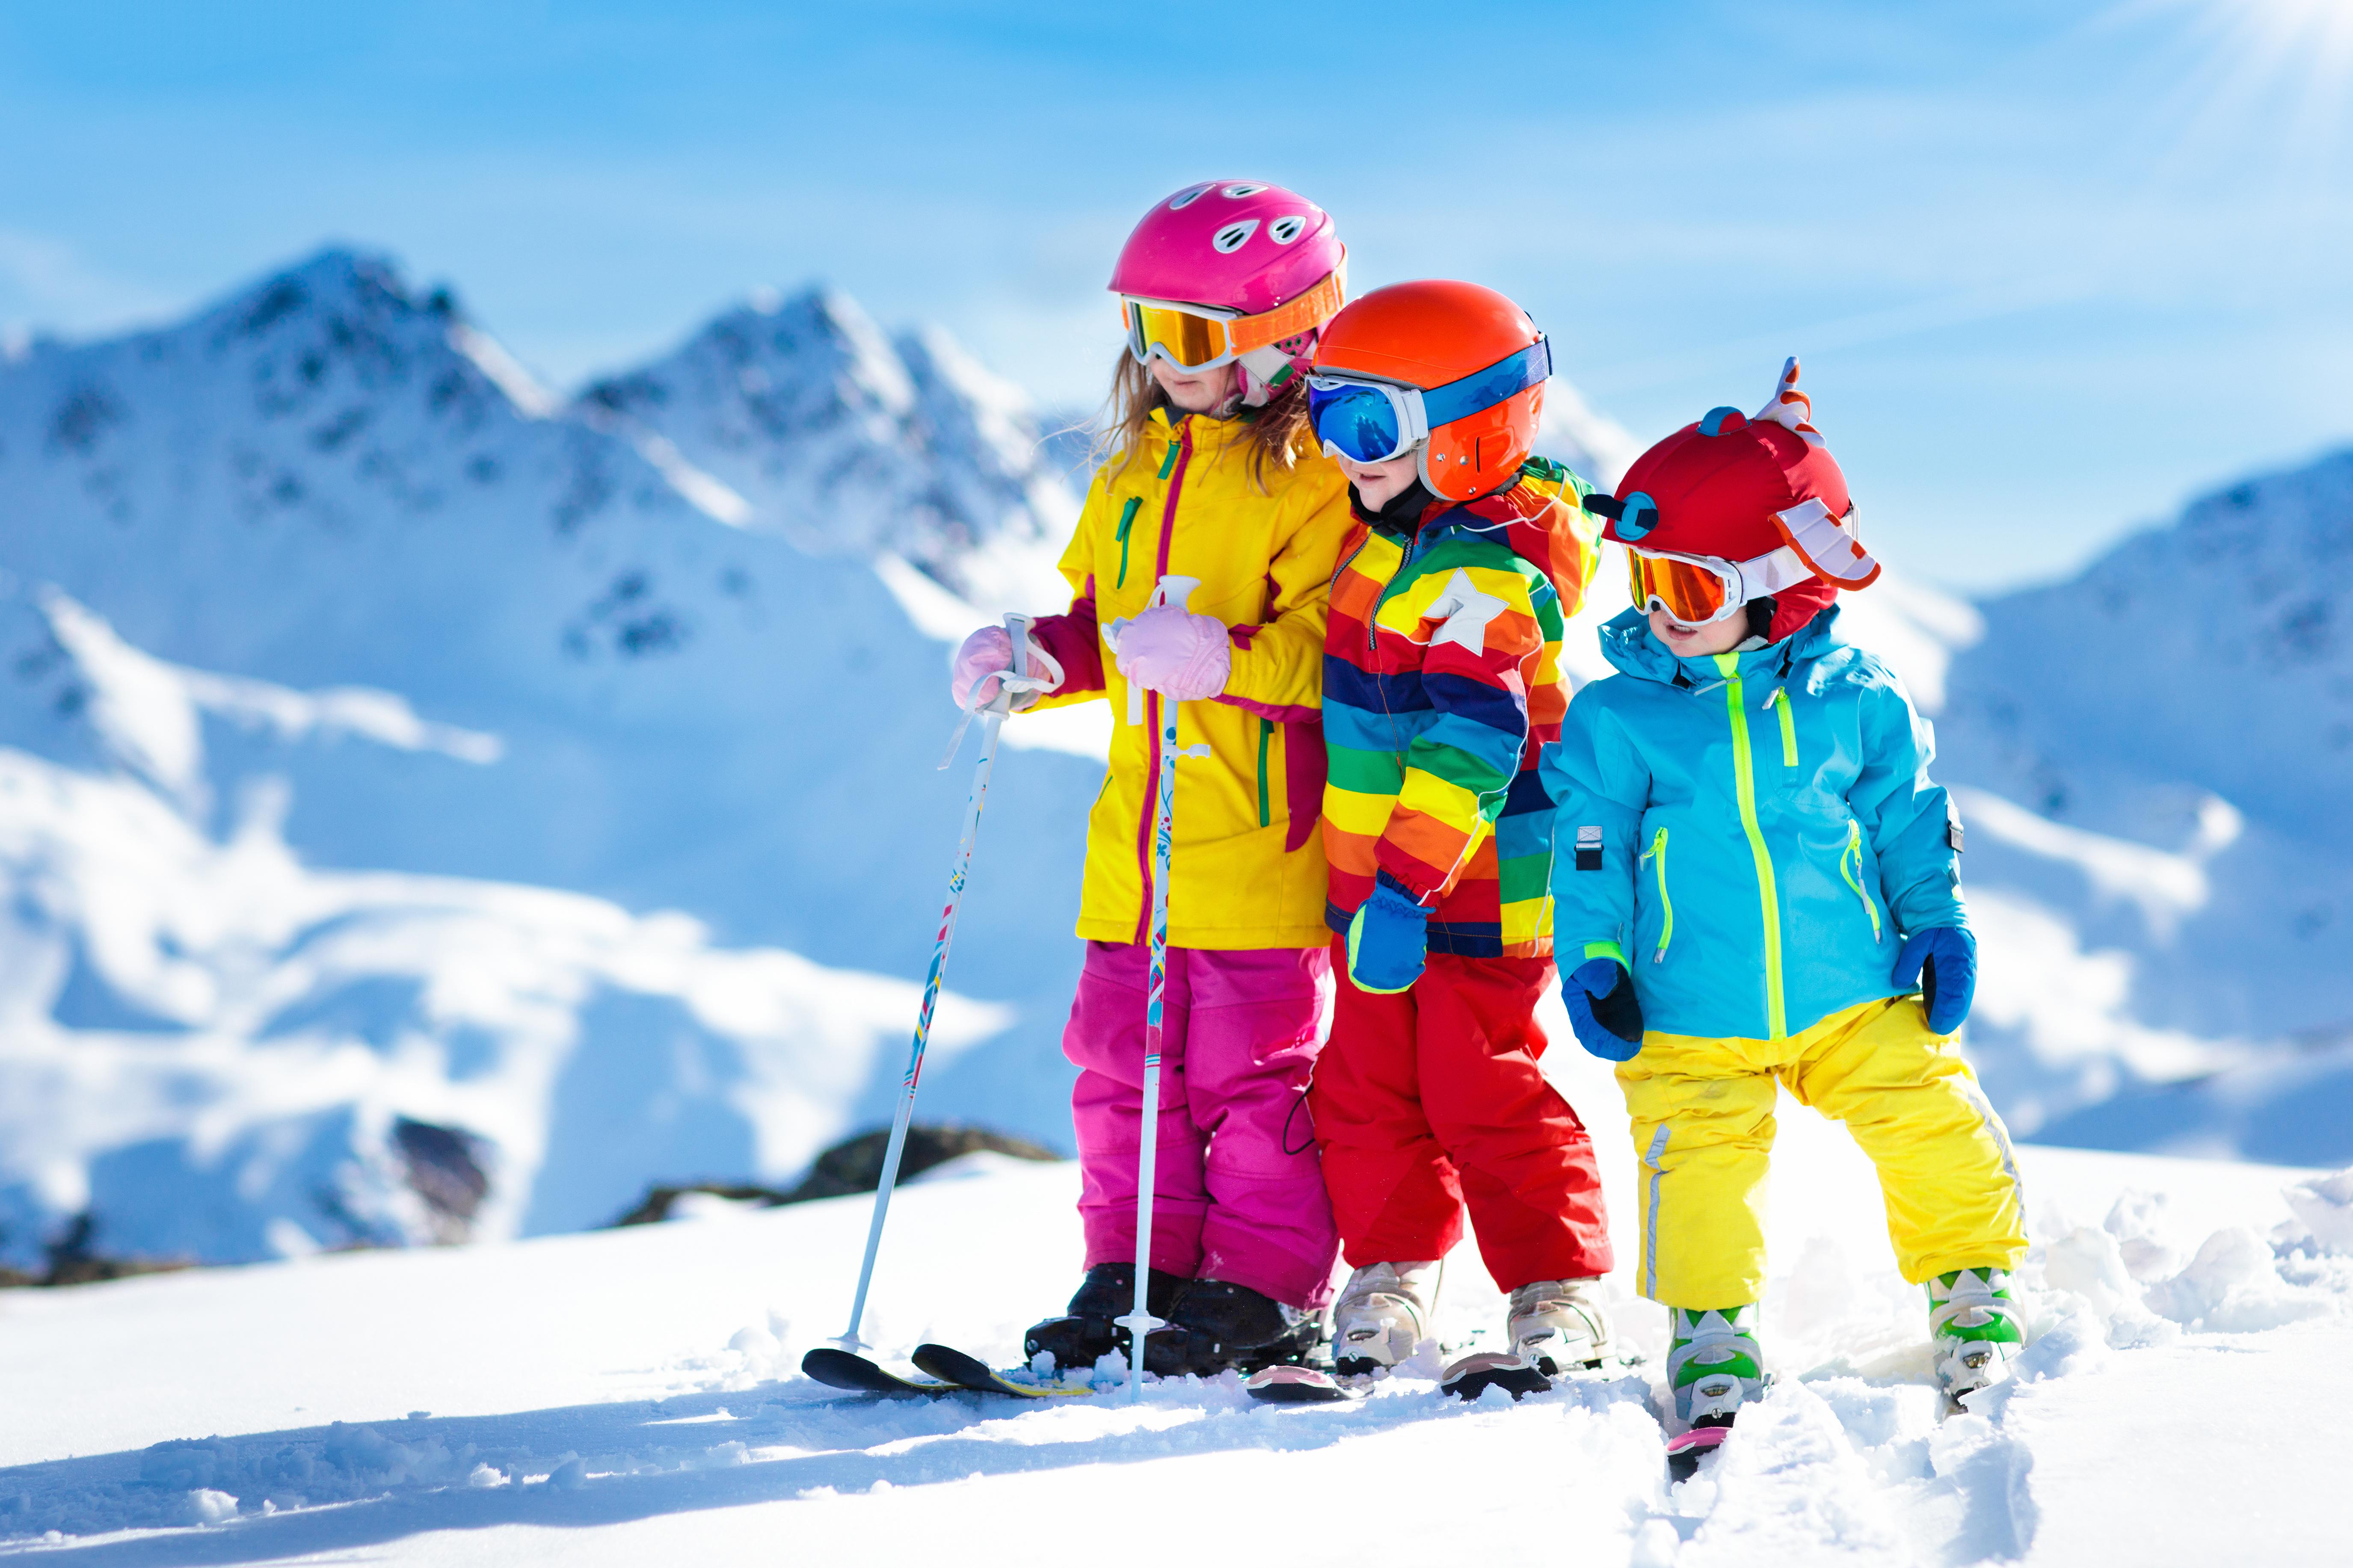 Jakie narty dla dziecka? Podpowiadamy!